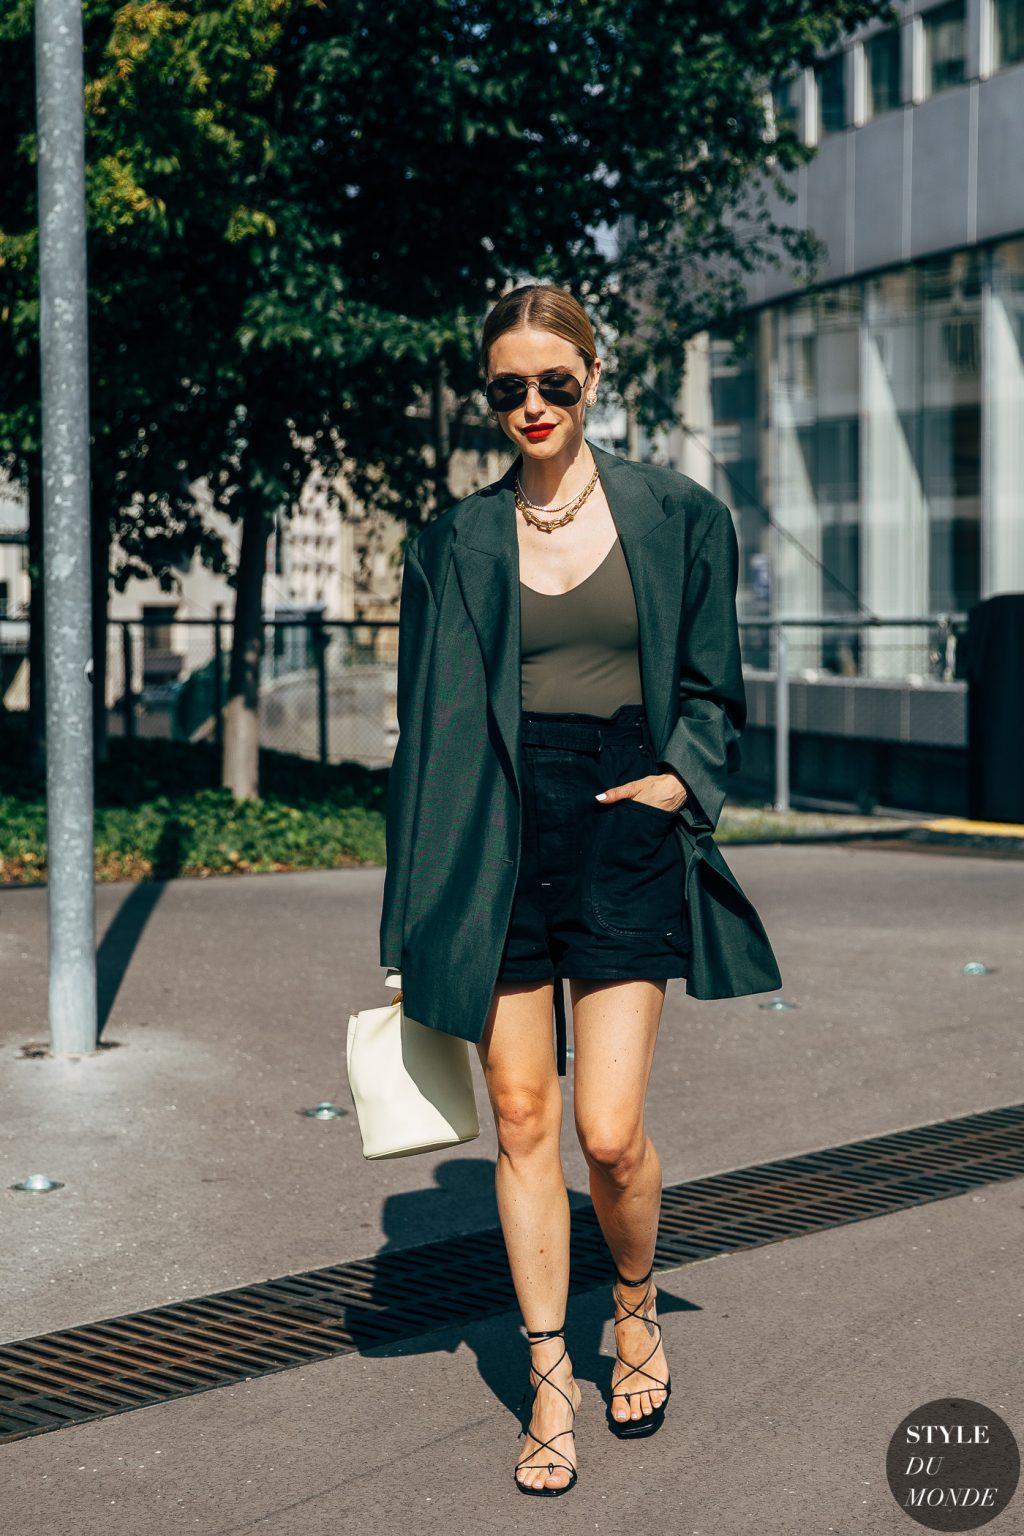 thời trang tuổi 30 áo blazer màu xanh rêu quần short denim đen giày sandal dây